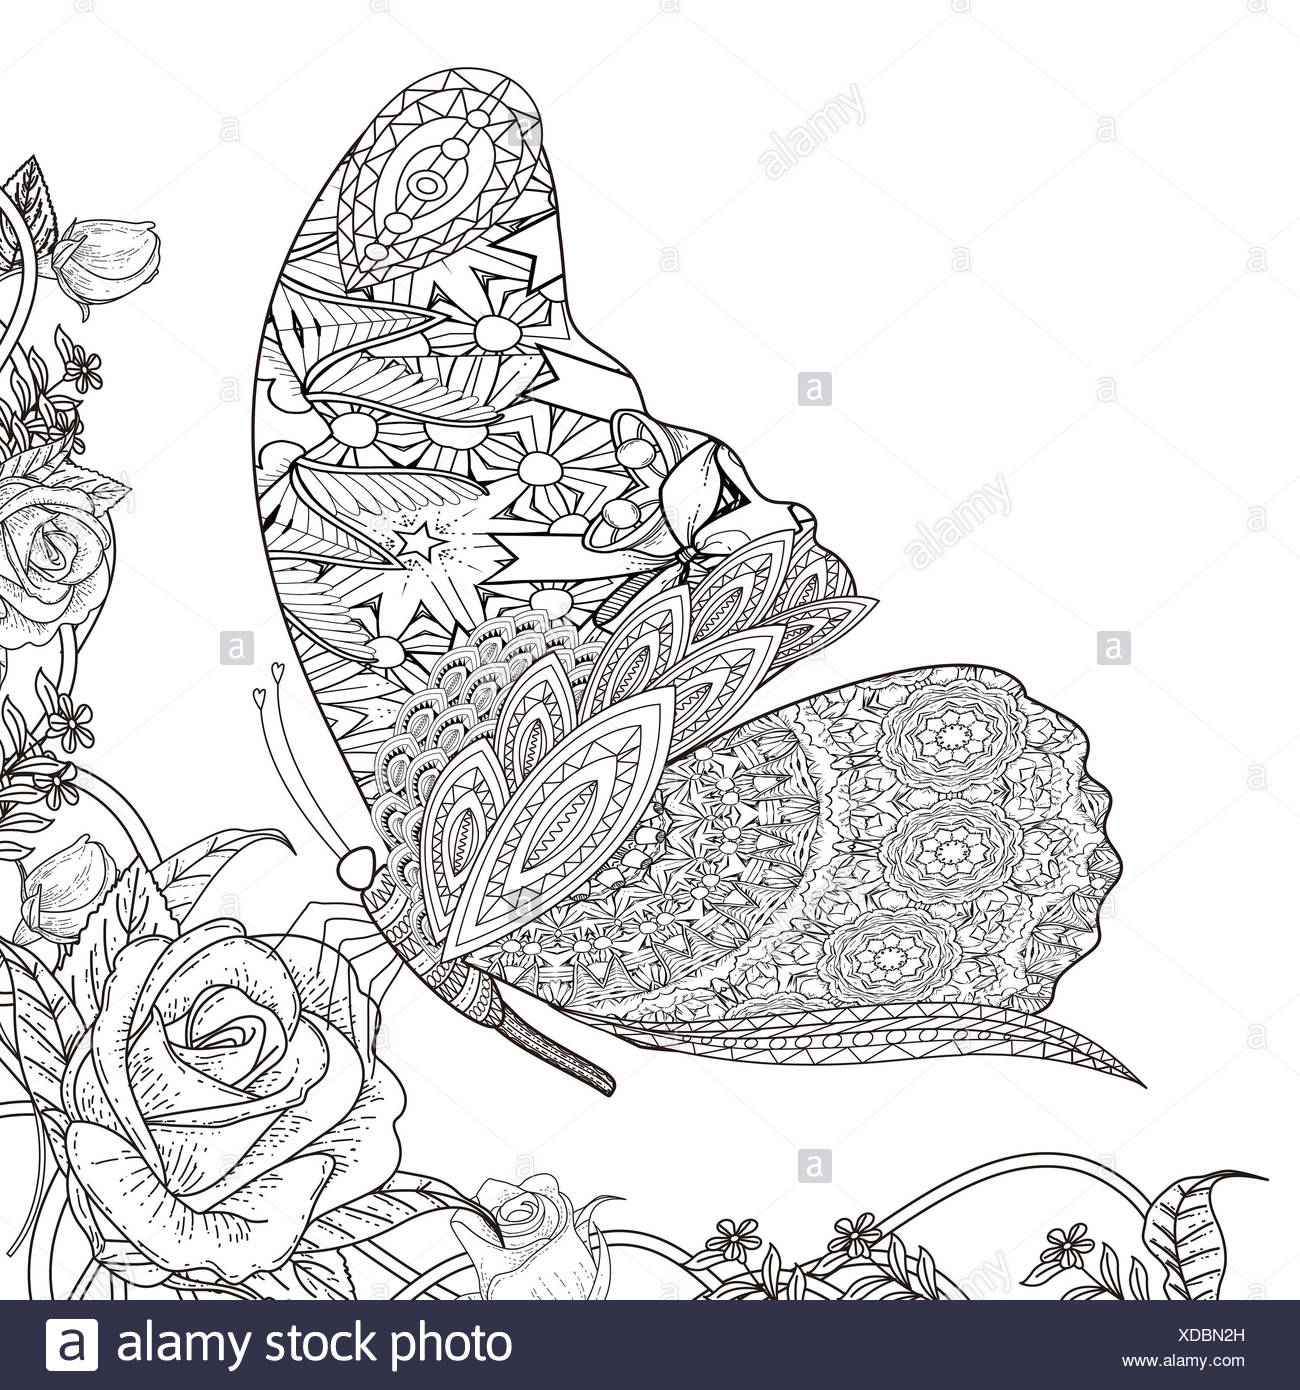 Ausgezeichnet Erweiterte Malvorlagen Schmetterling Ideen - Beispiel ...